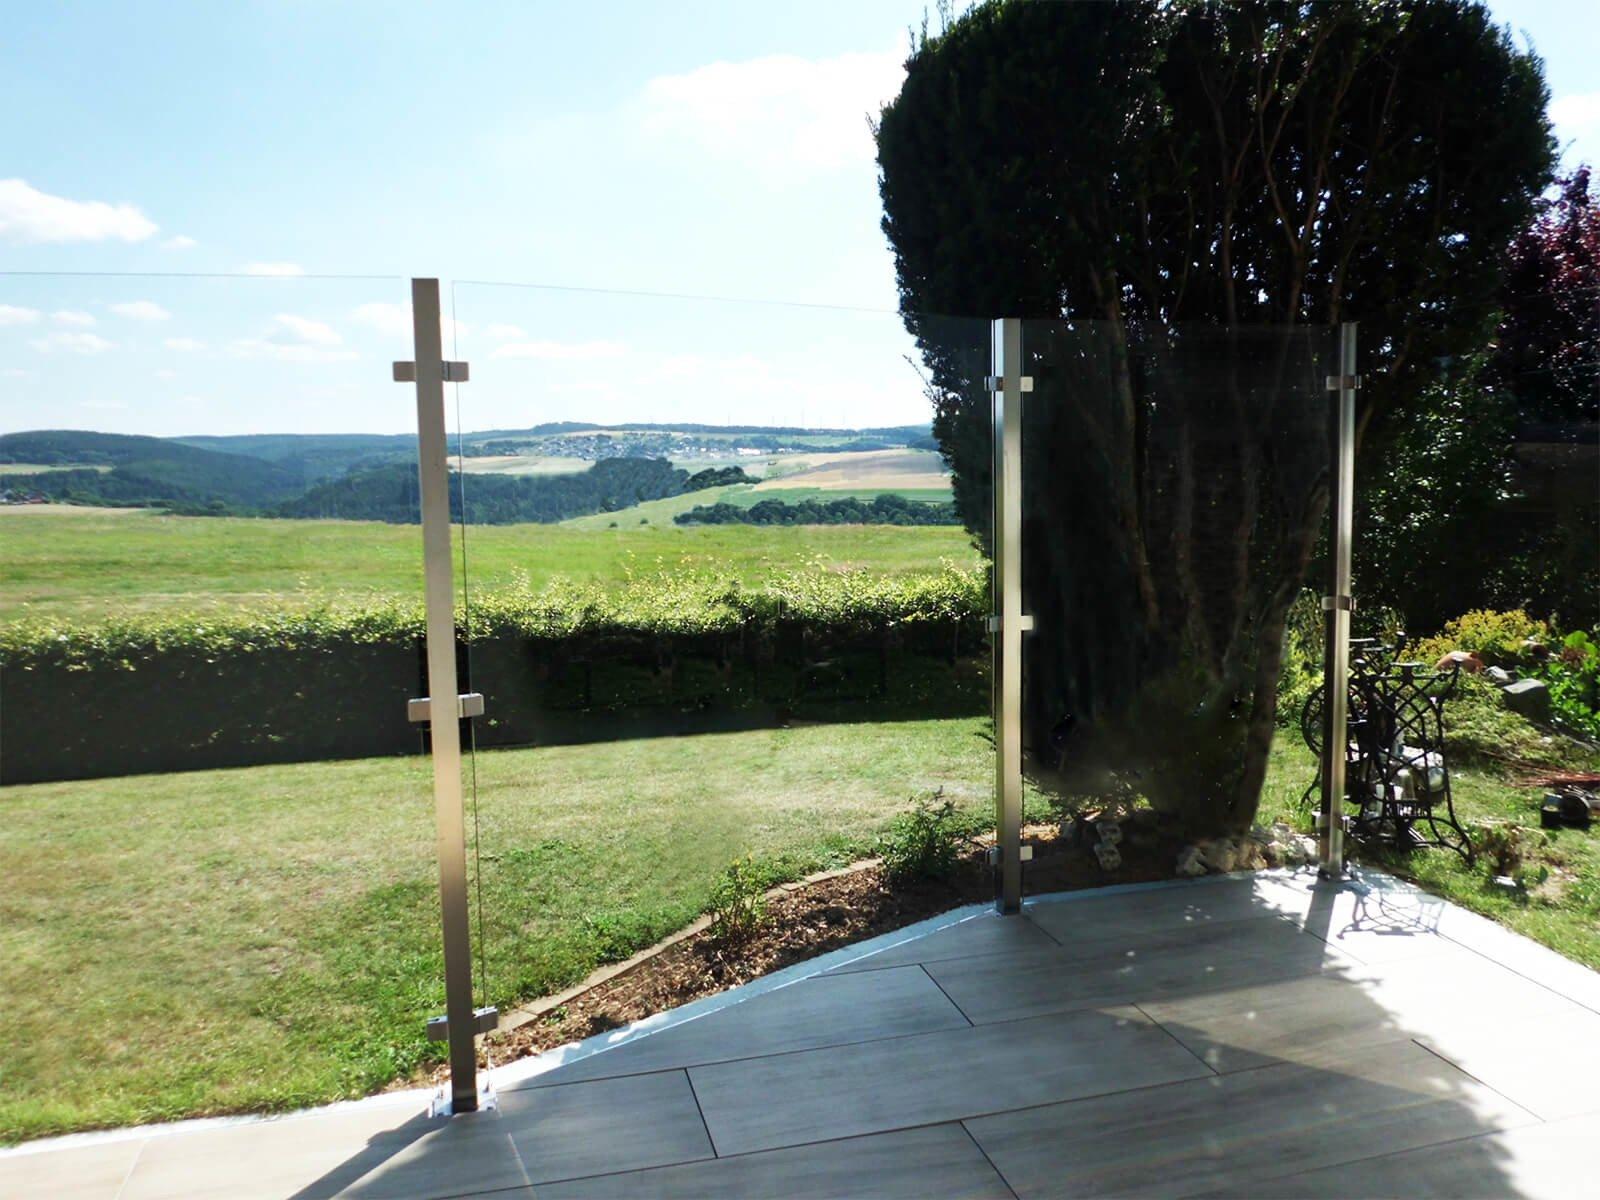 winddichtes-glaszaunsystem-feng-ohne- sichteinschraenkung-in-eleganter-optik-fuer-garten-und terrasse